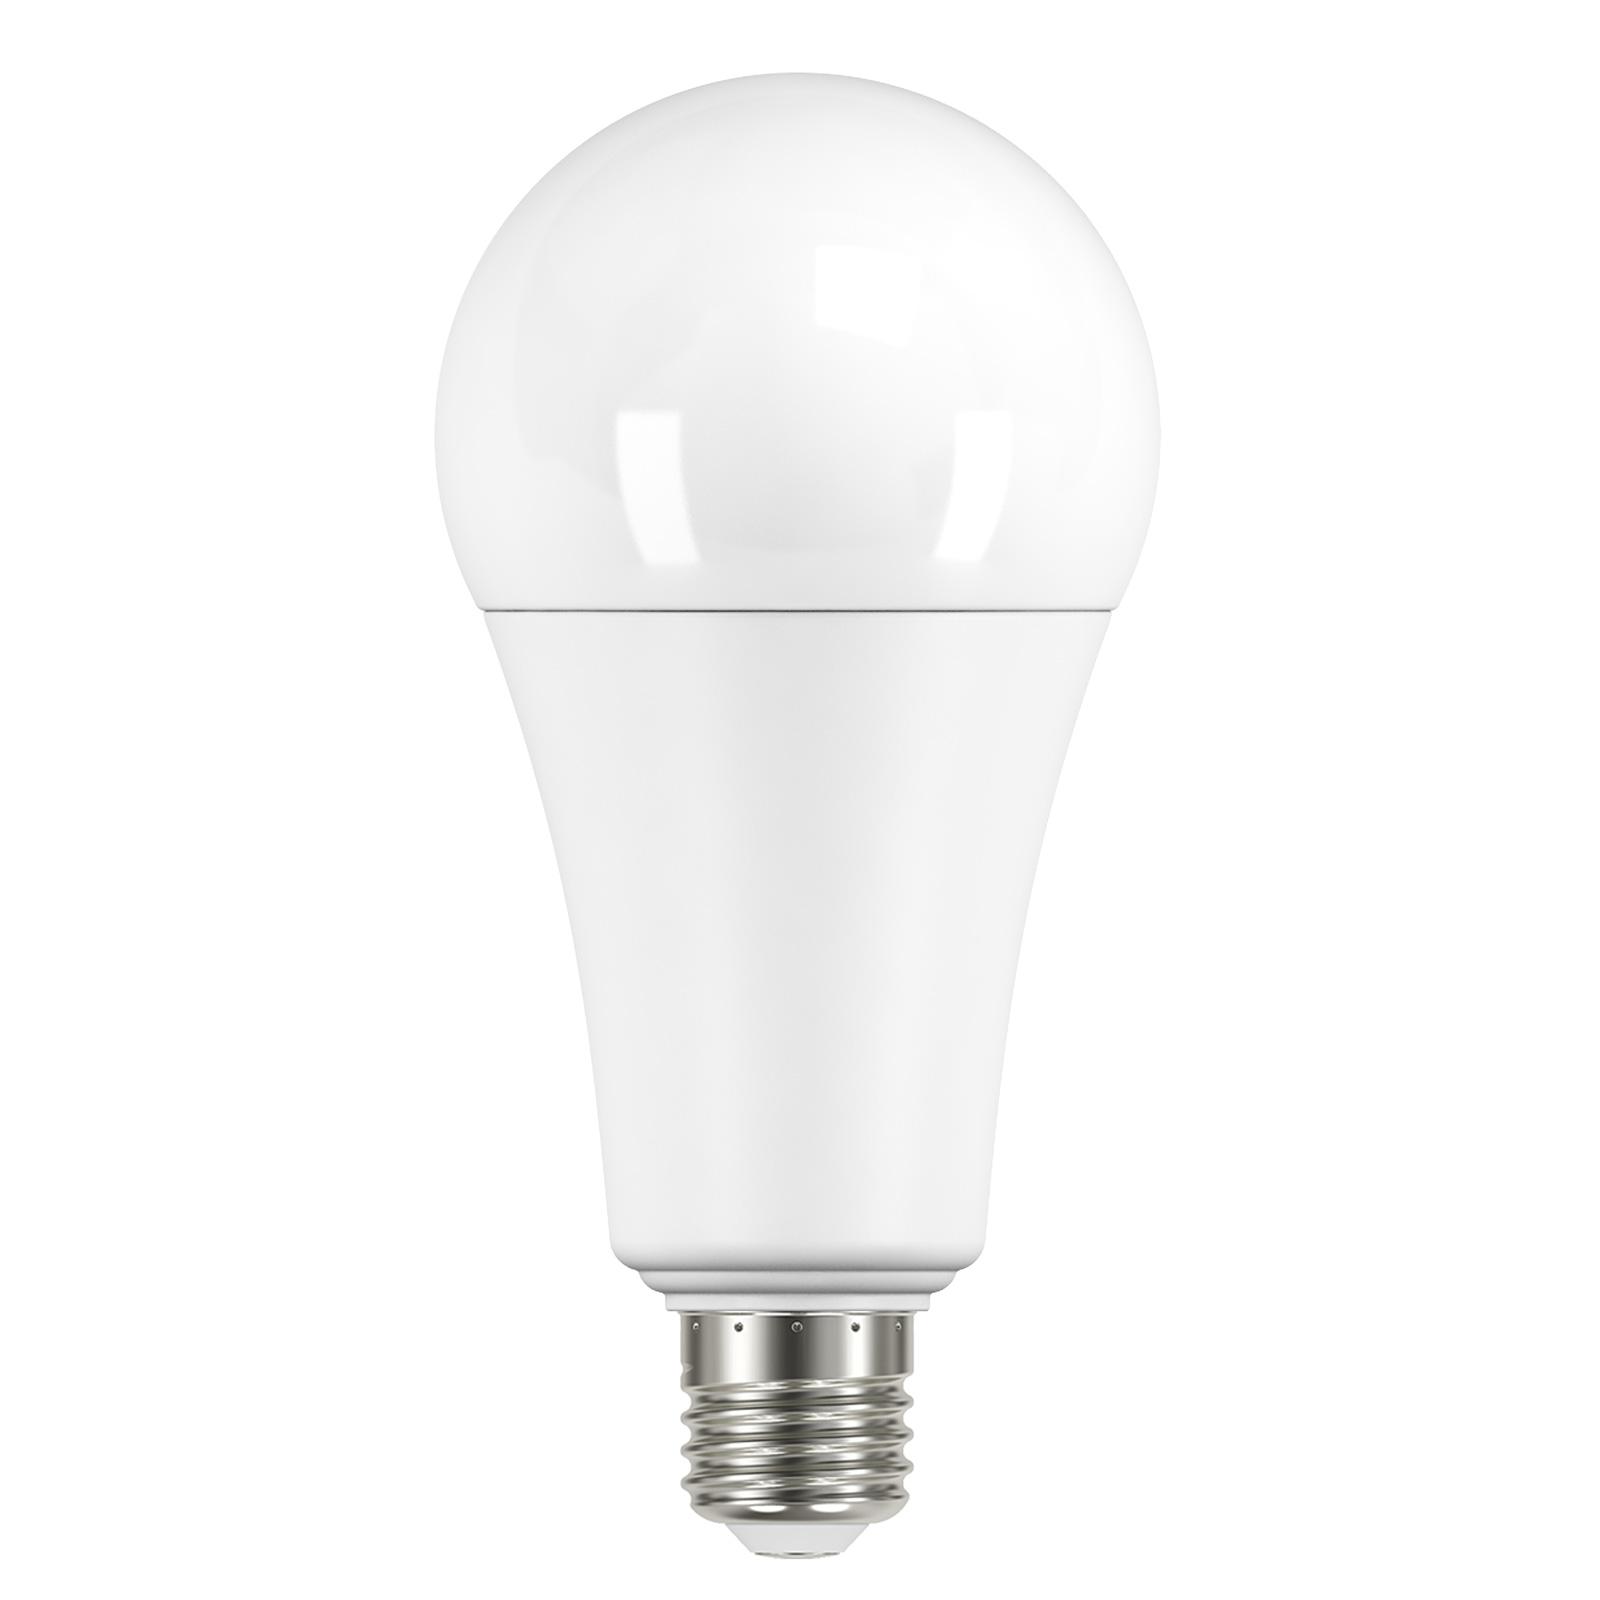 LED E27 ToLED A60 17,5W opale, bianco freddo